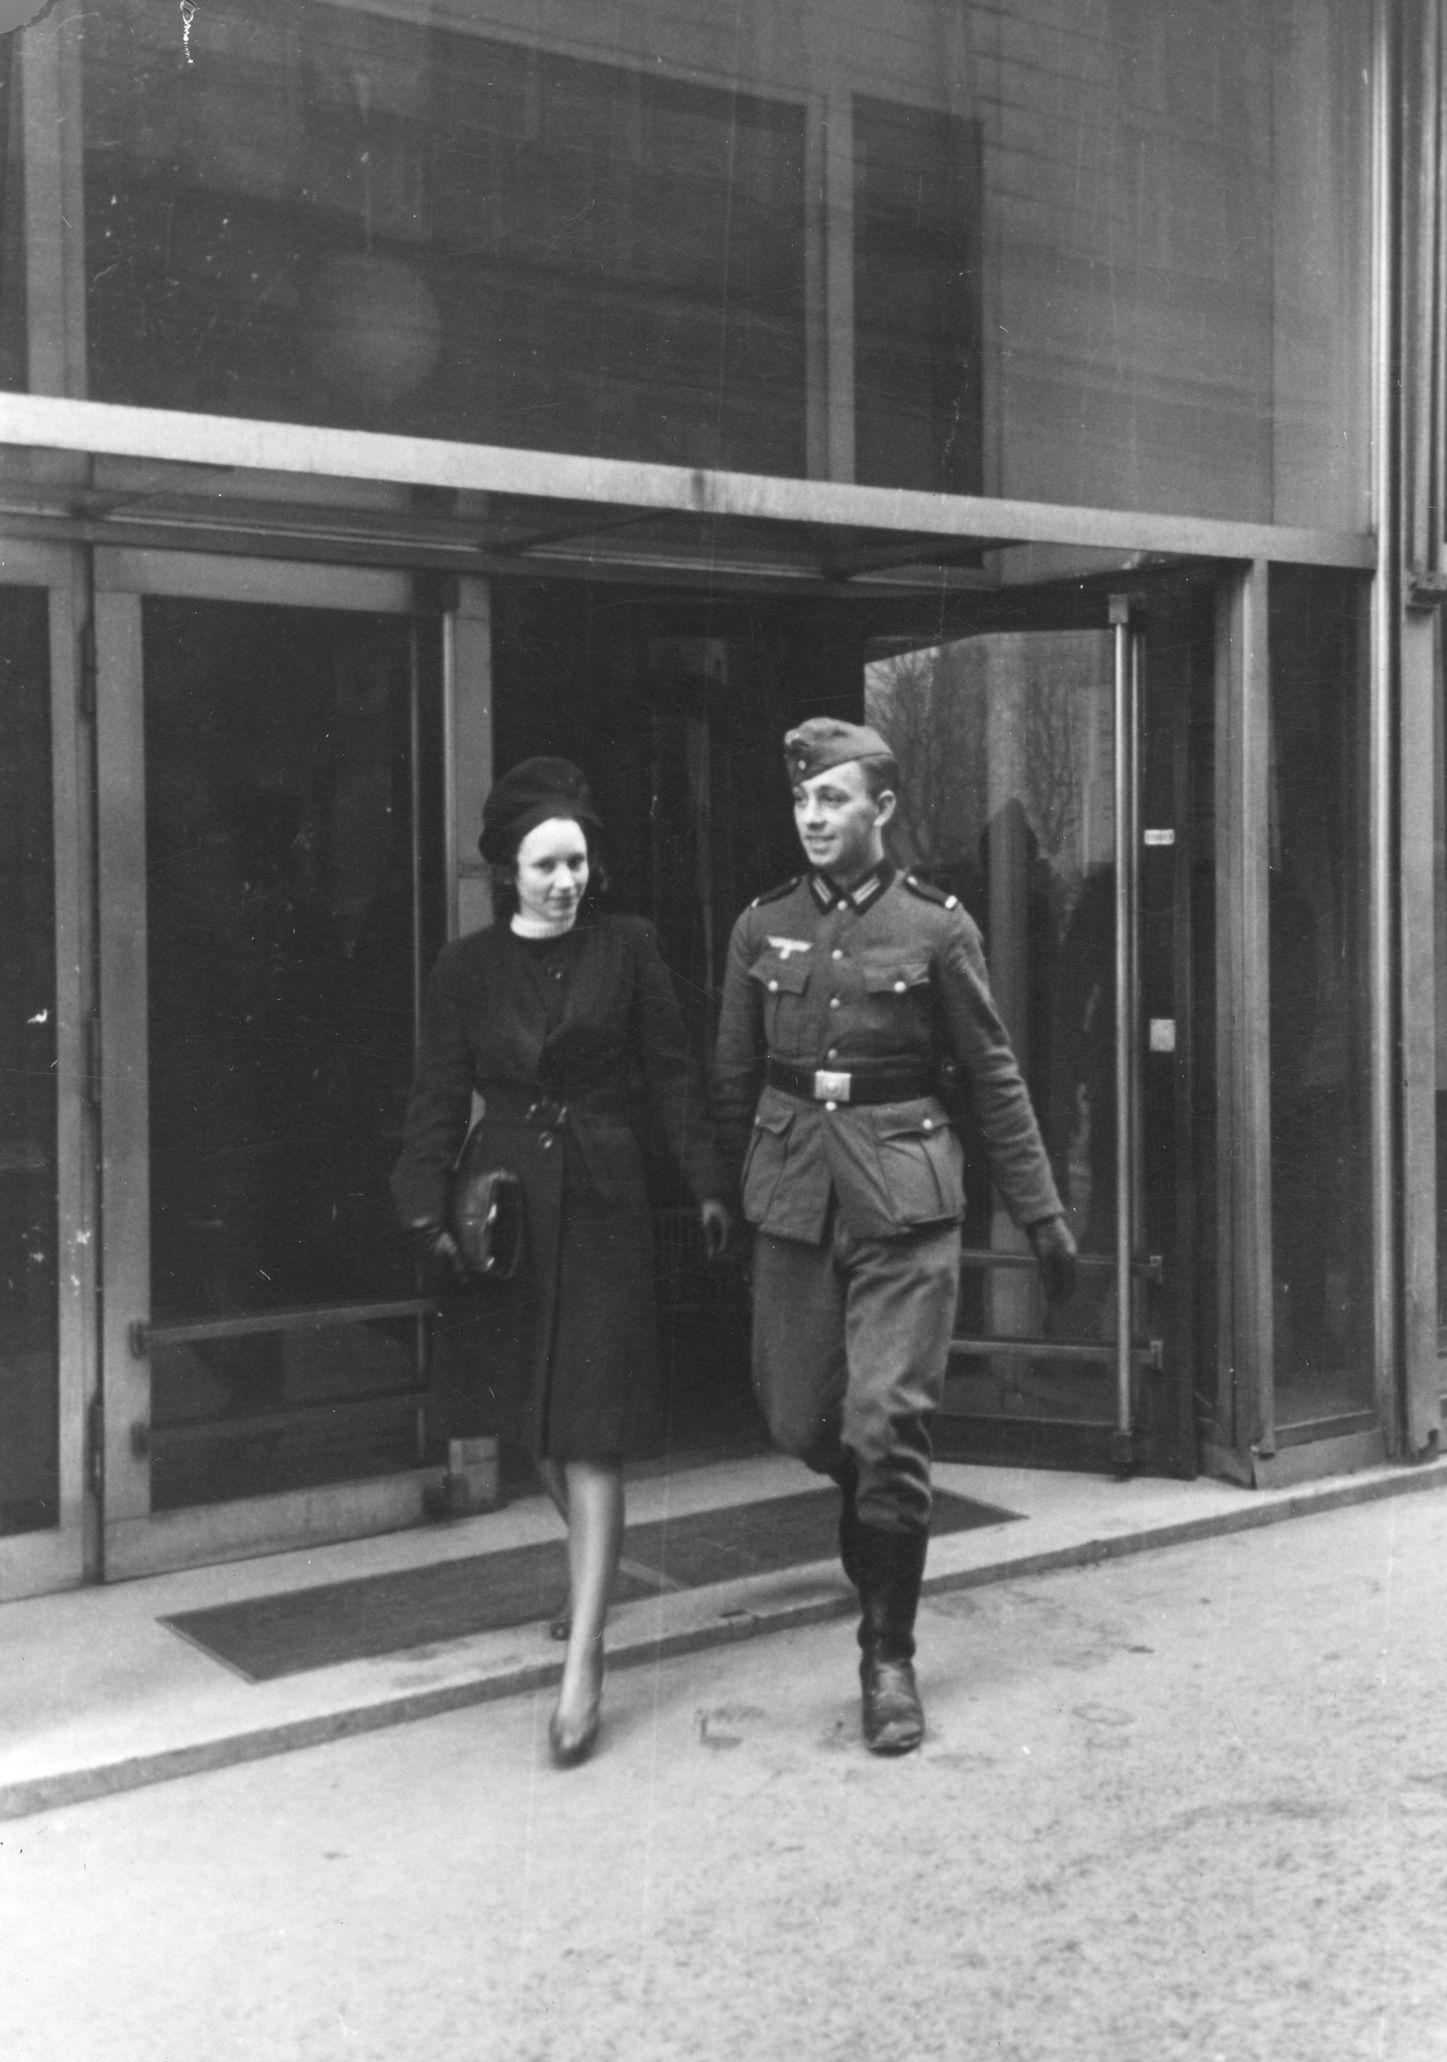 """Stałe, ale oczywiście nieformalne związki Niemców z Polkami czy Rosjankami były tak częste, że wśród urzędników Głównego Urzędu Bezpieczeństwa Rzeszy dorobiły się nawet specjalnego określenia """"Ostehe"""", czyli """"wschodnie małżeństwo""""."""